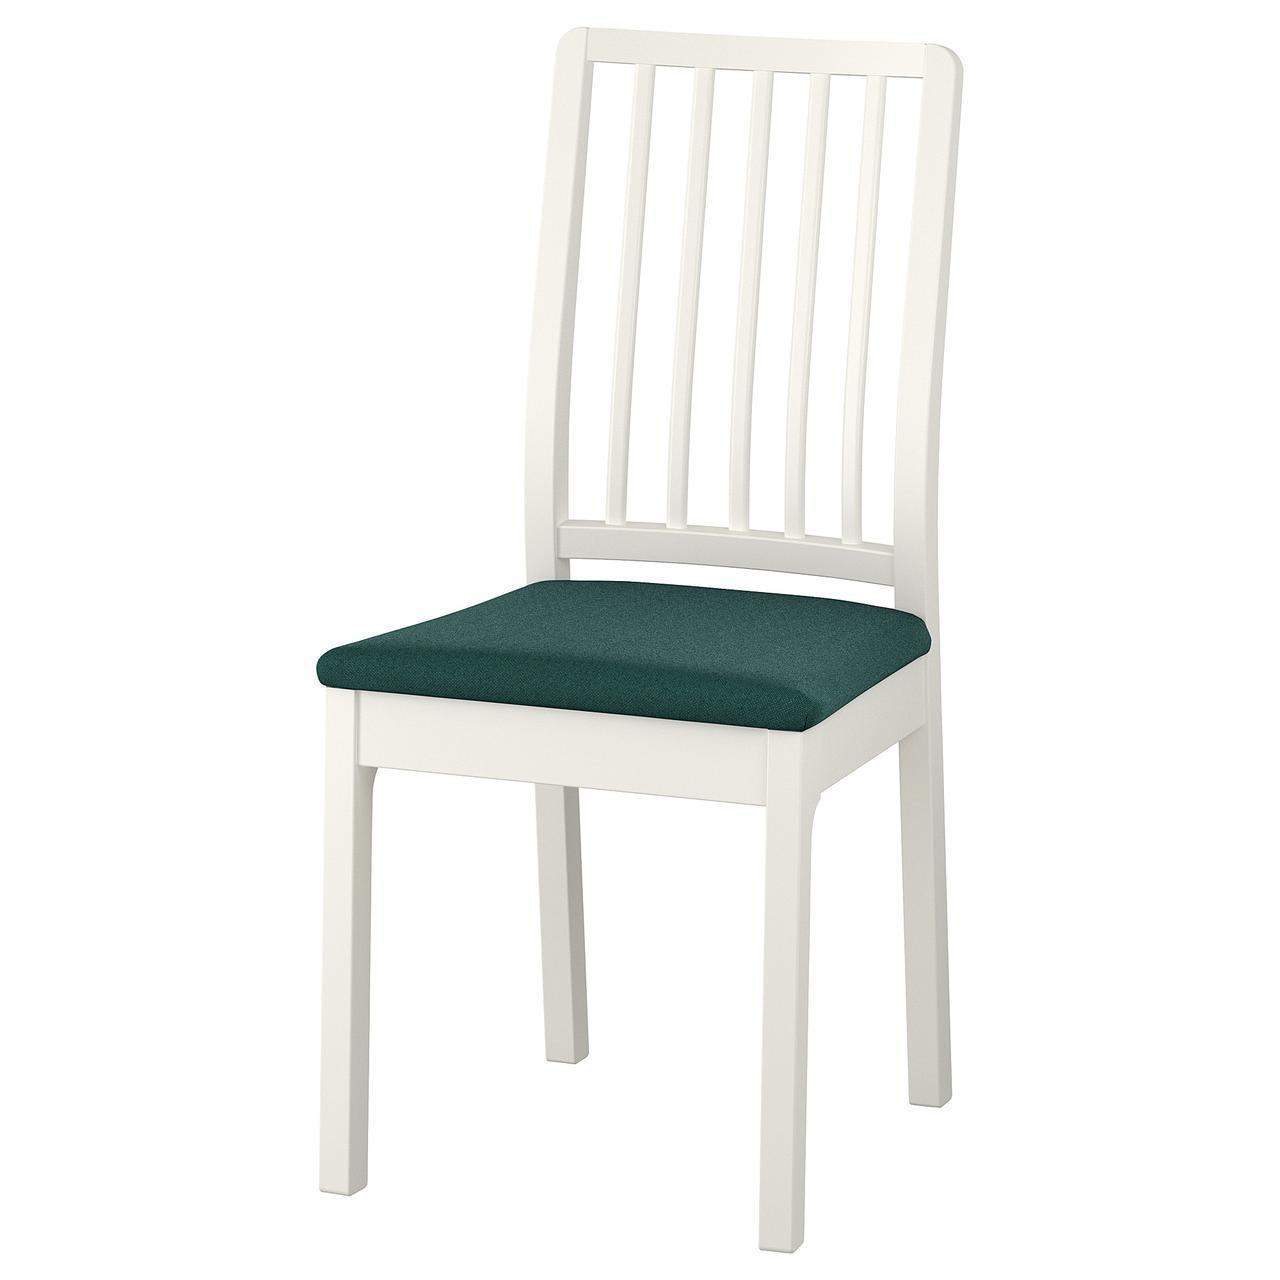 Кресло кухонное IKEA EKEDALEN Gunnared белое темно-зеленое 092.652.70